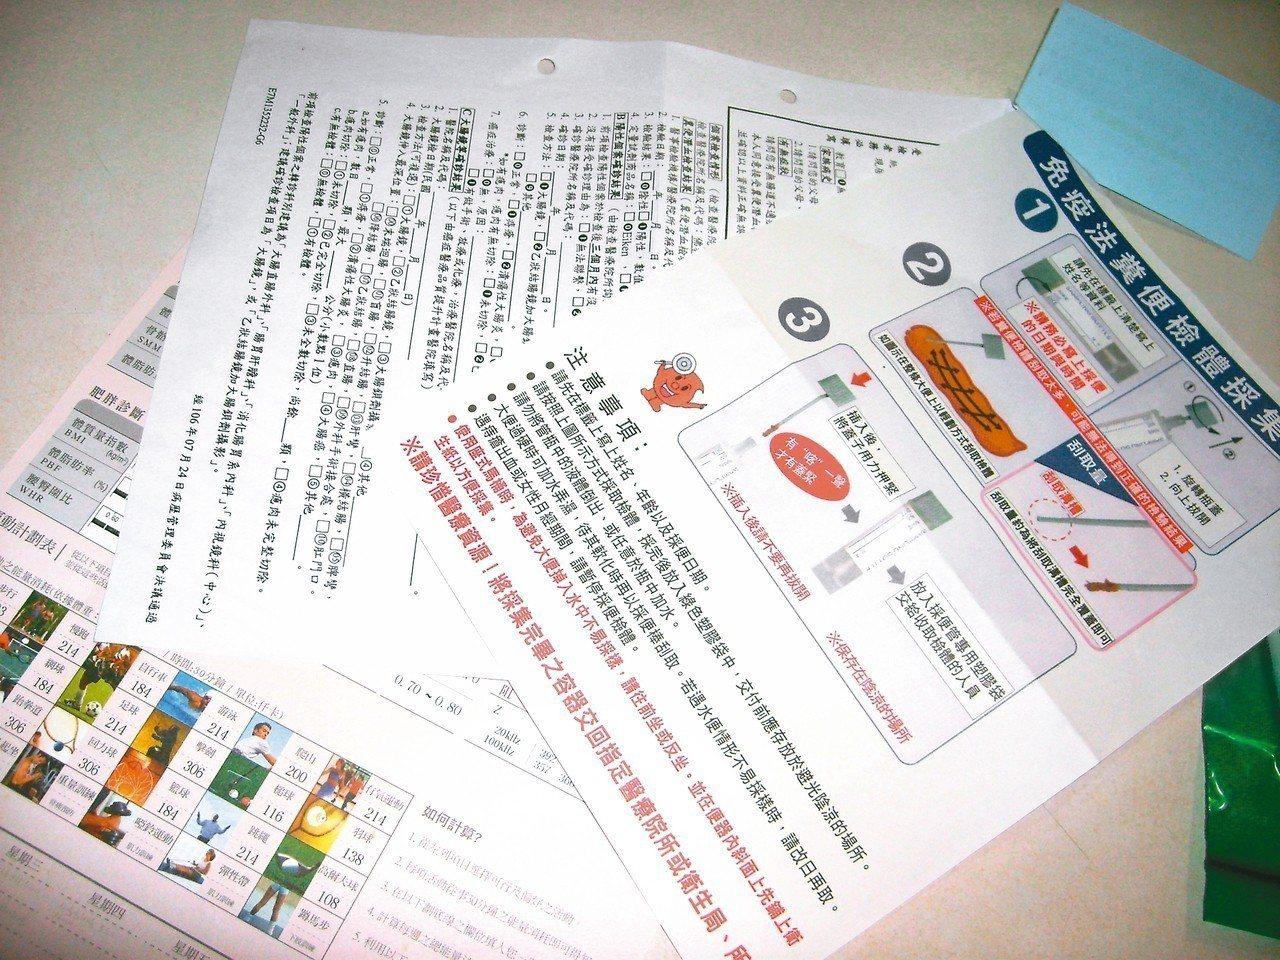 「社區健康篩檢」的單子。 圖/張子筑提供